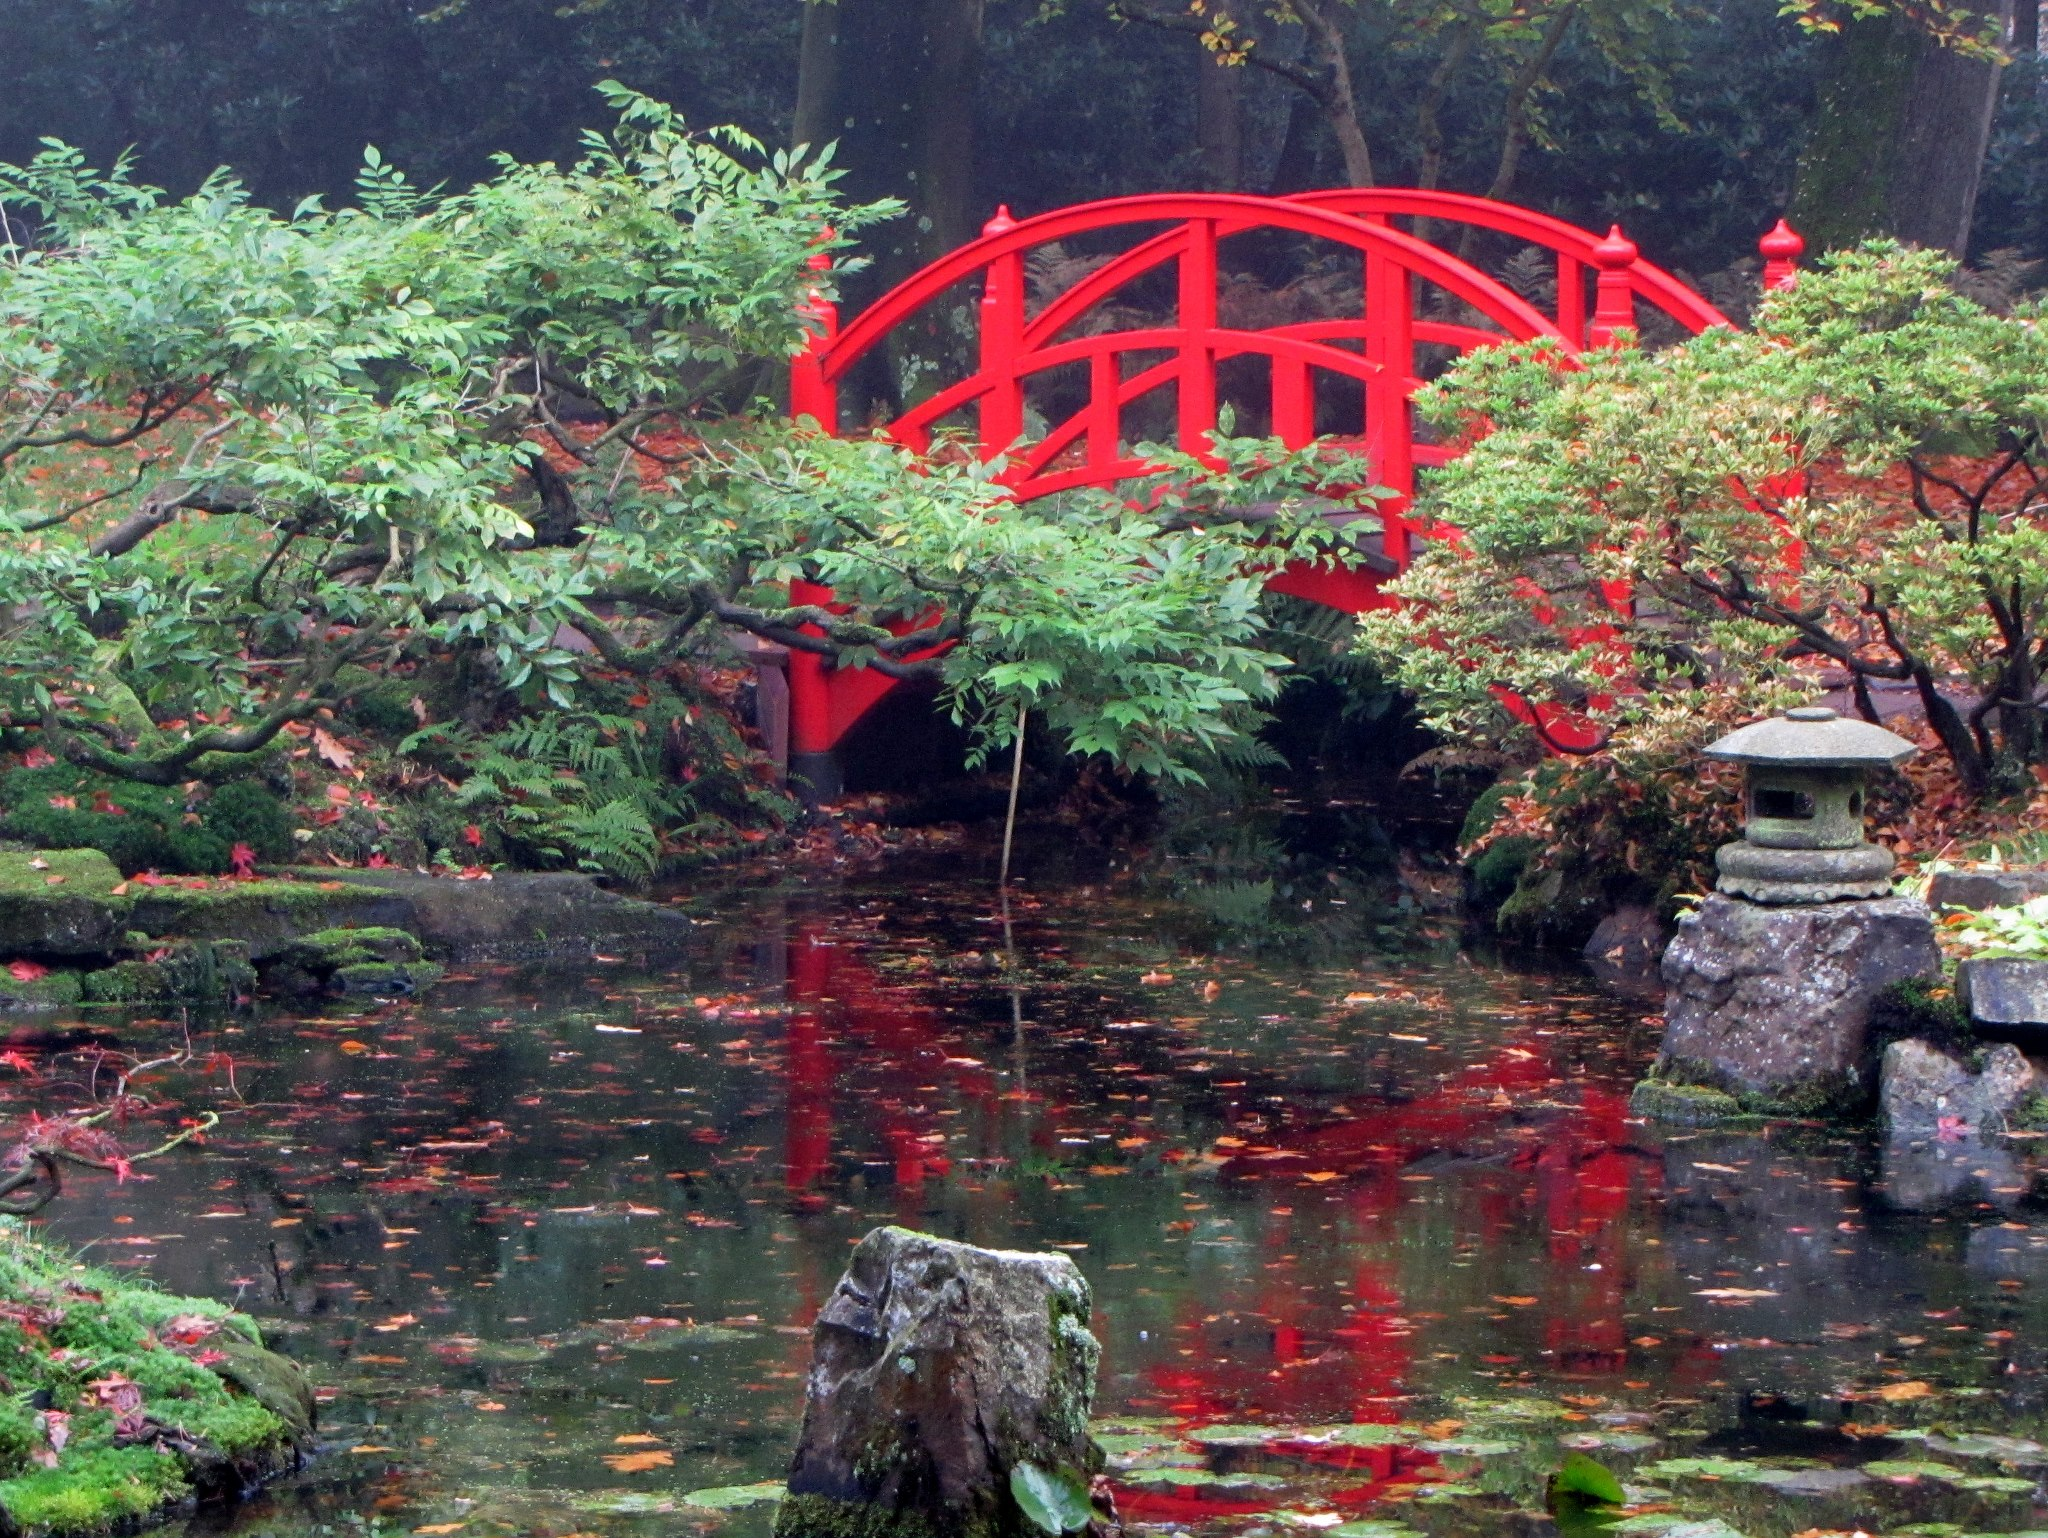 Japanse tuin foto daan de ligt